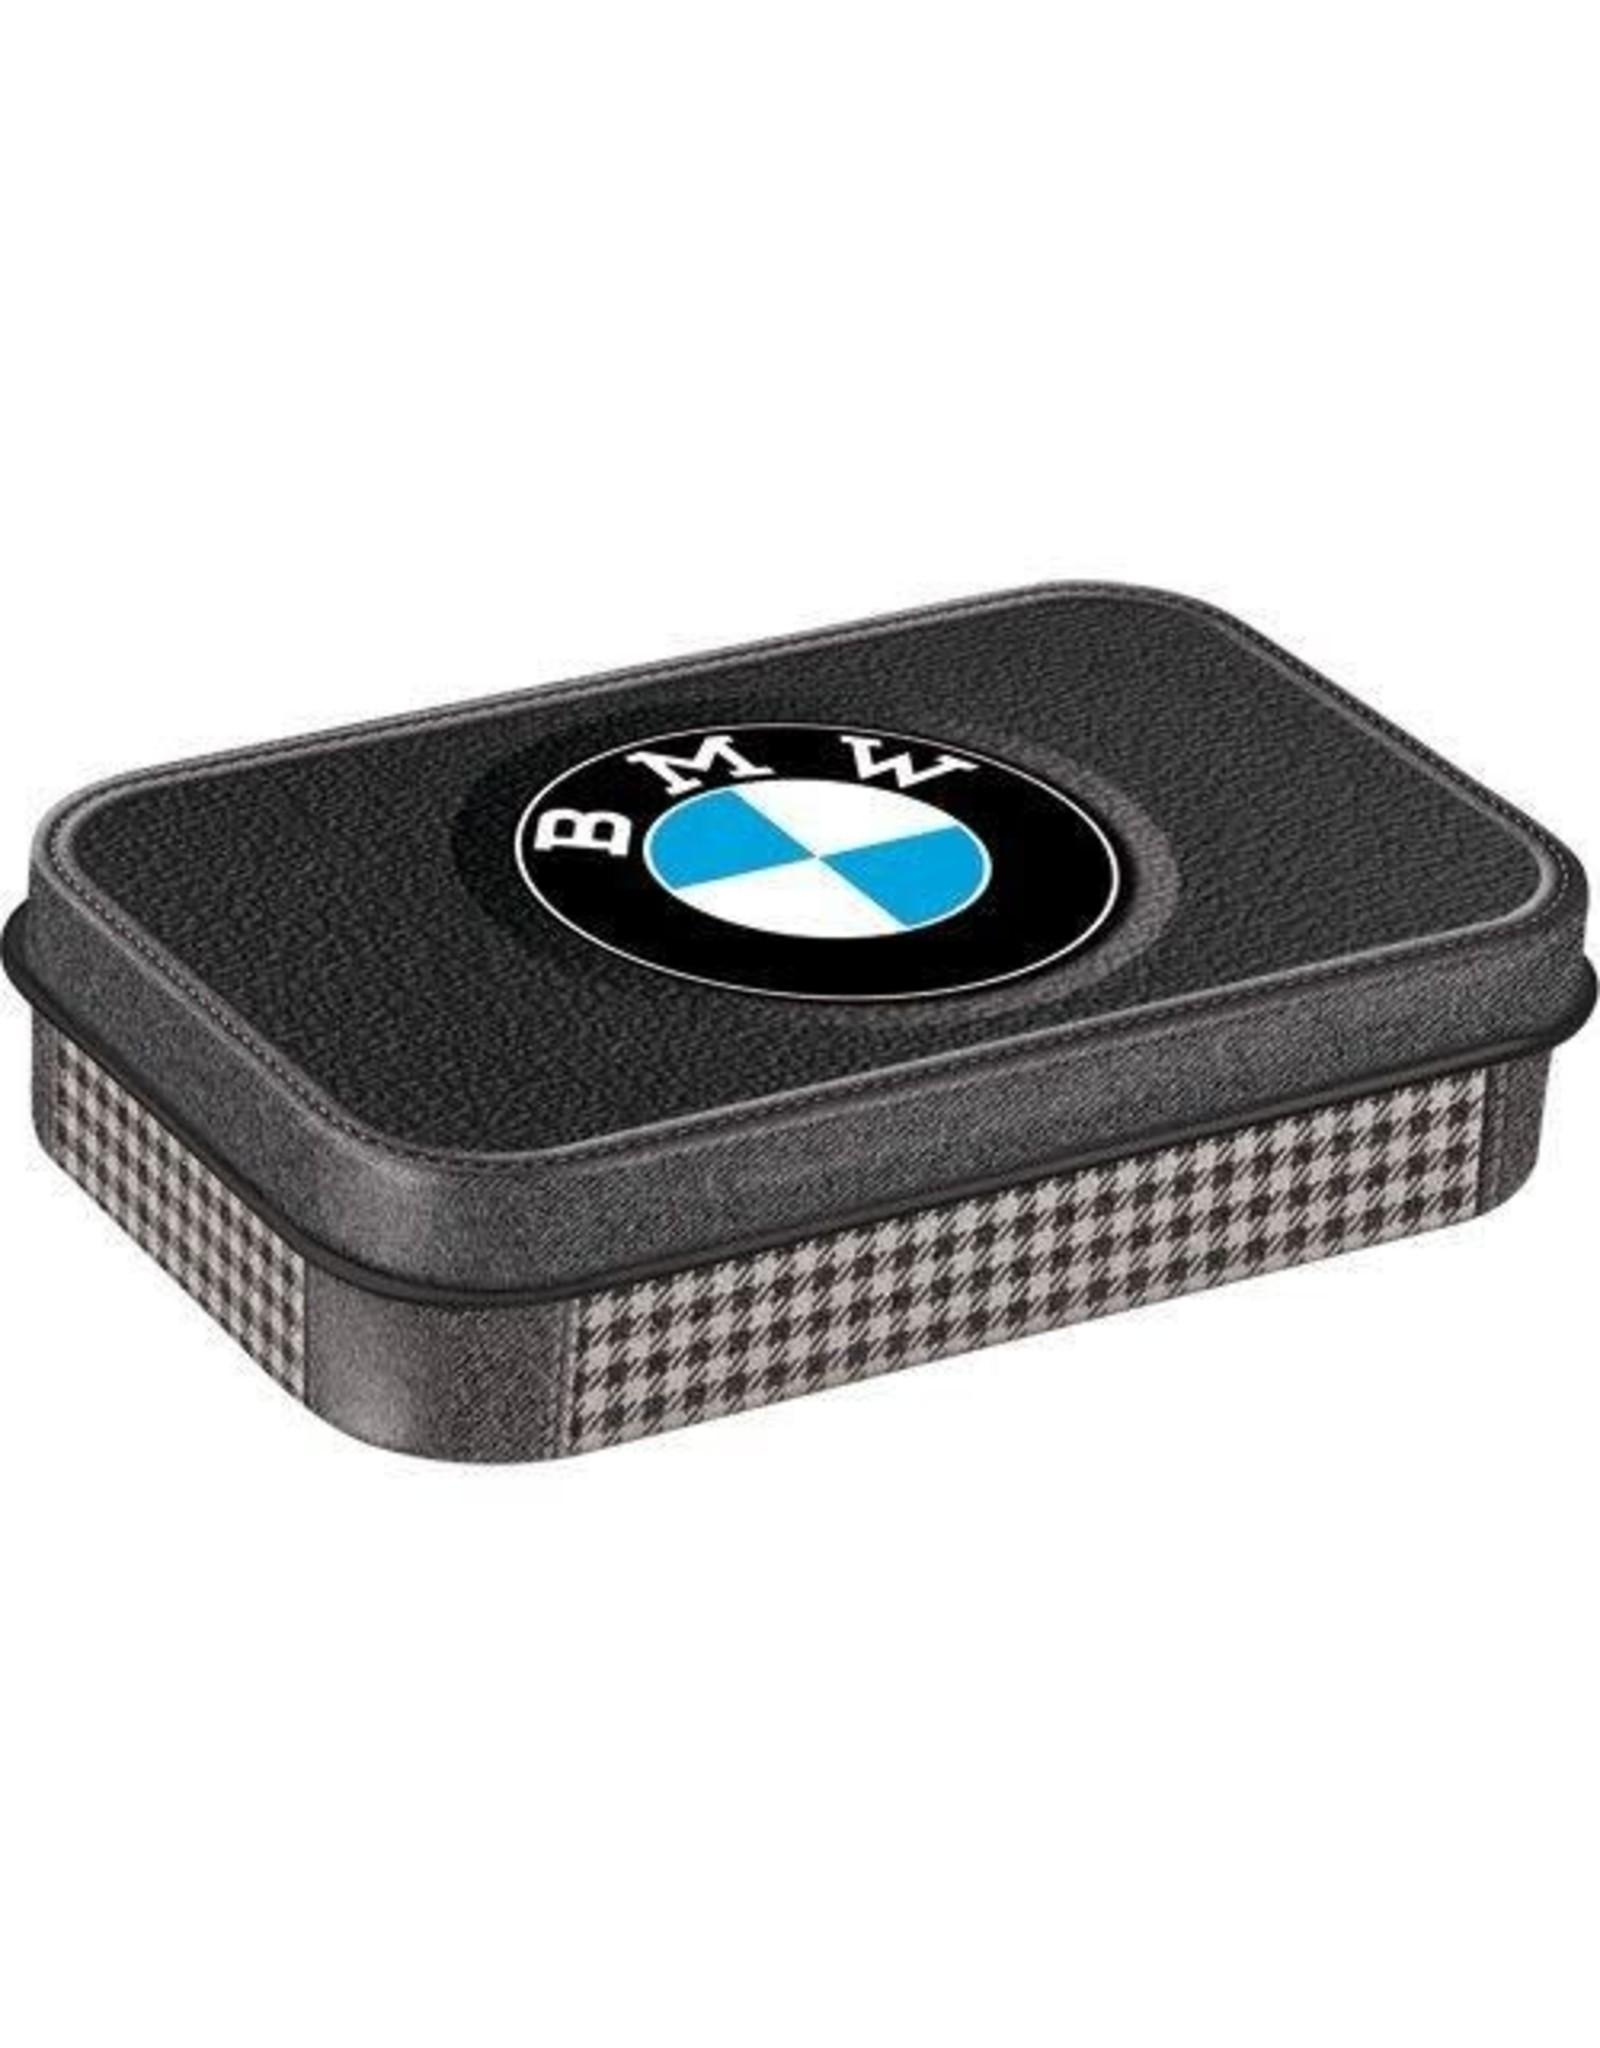 mint box - XL - BMW logo